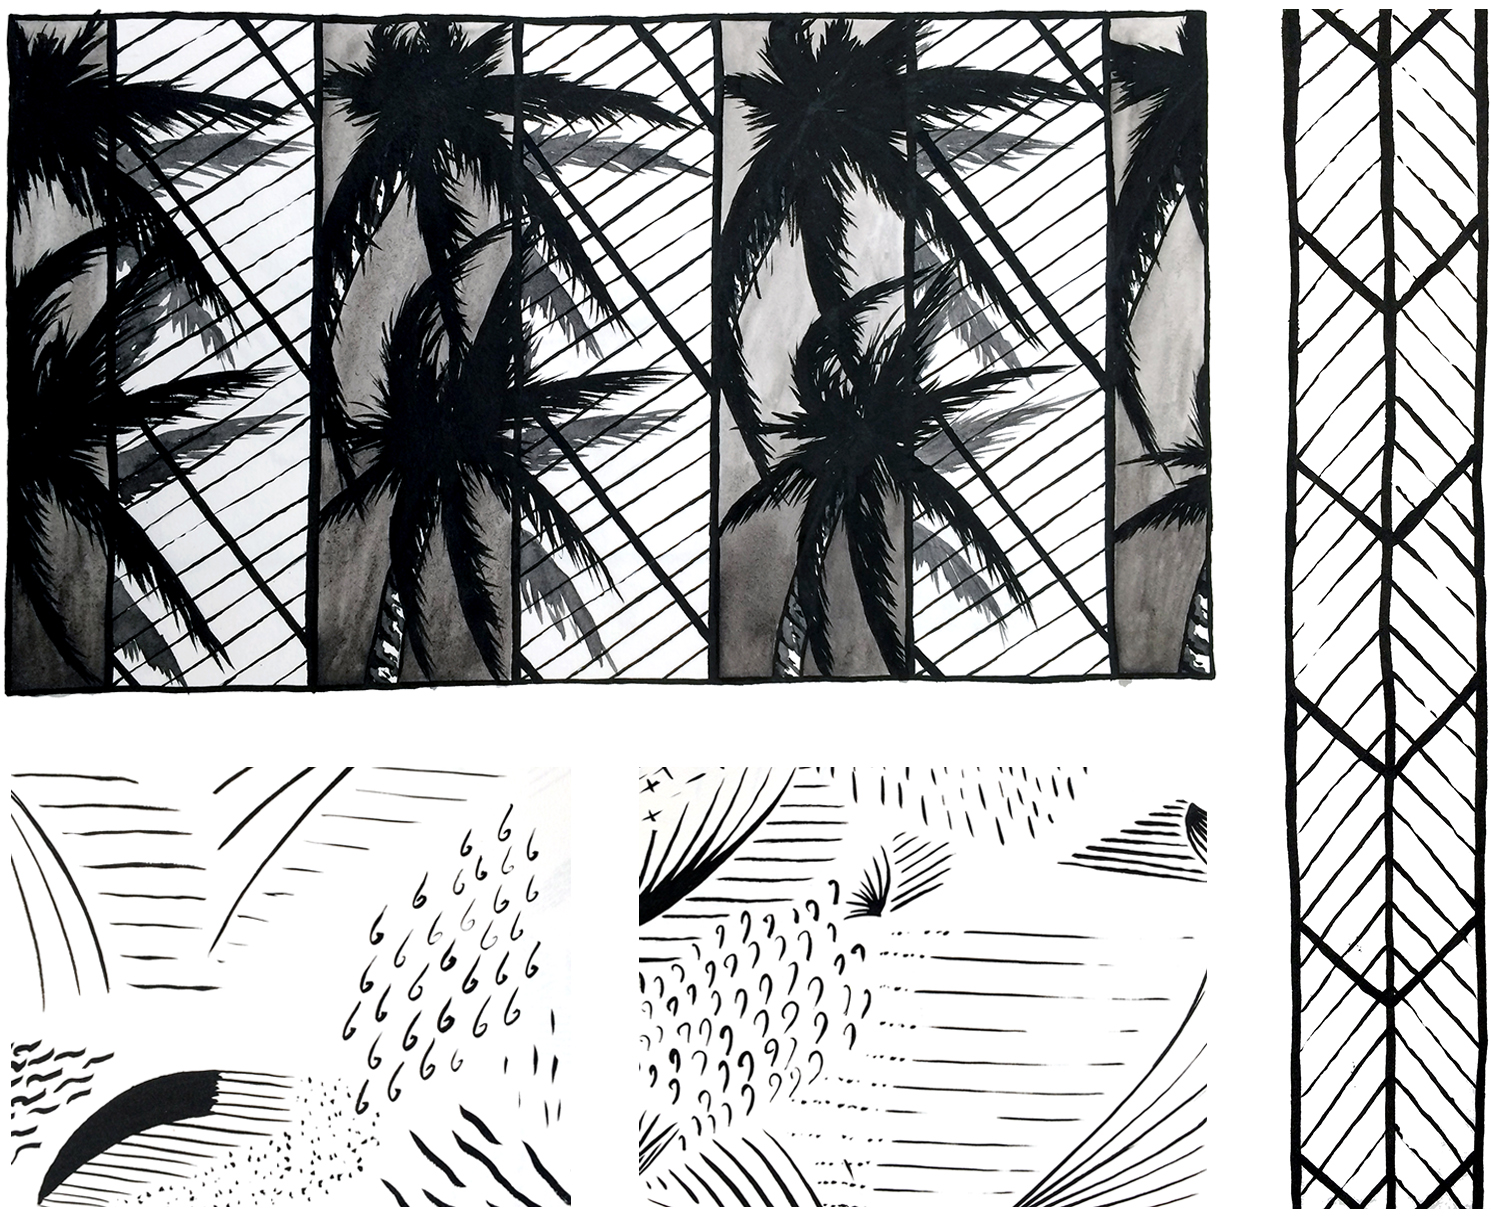 drawings from sketchbook